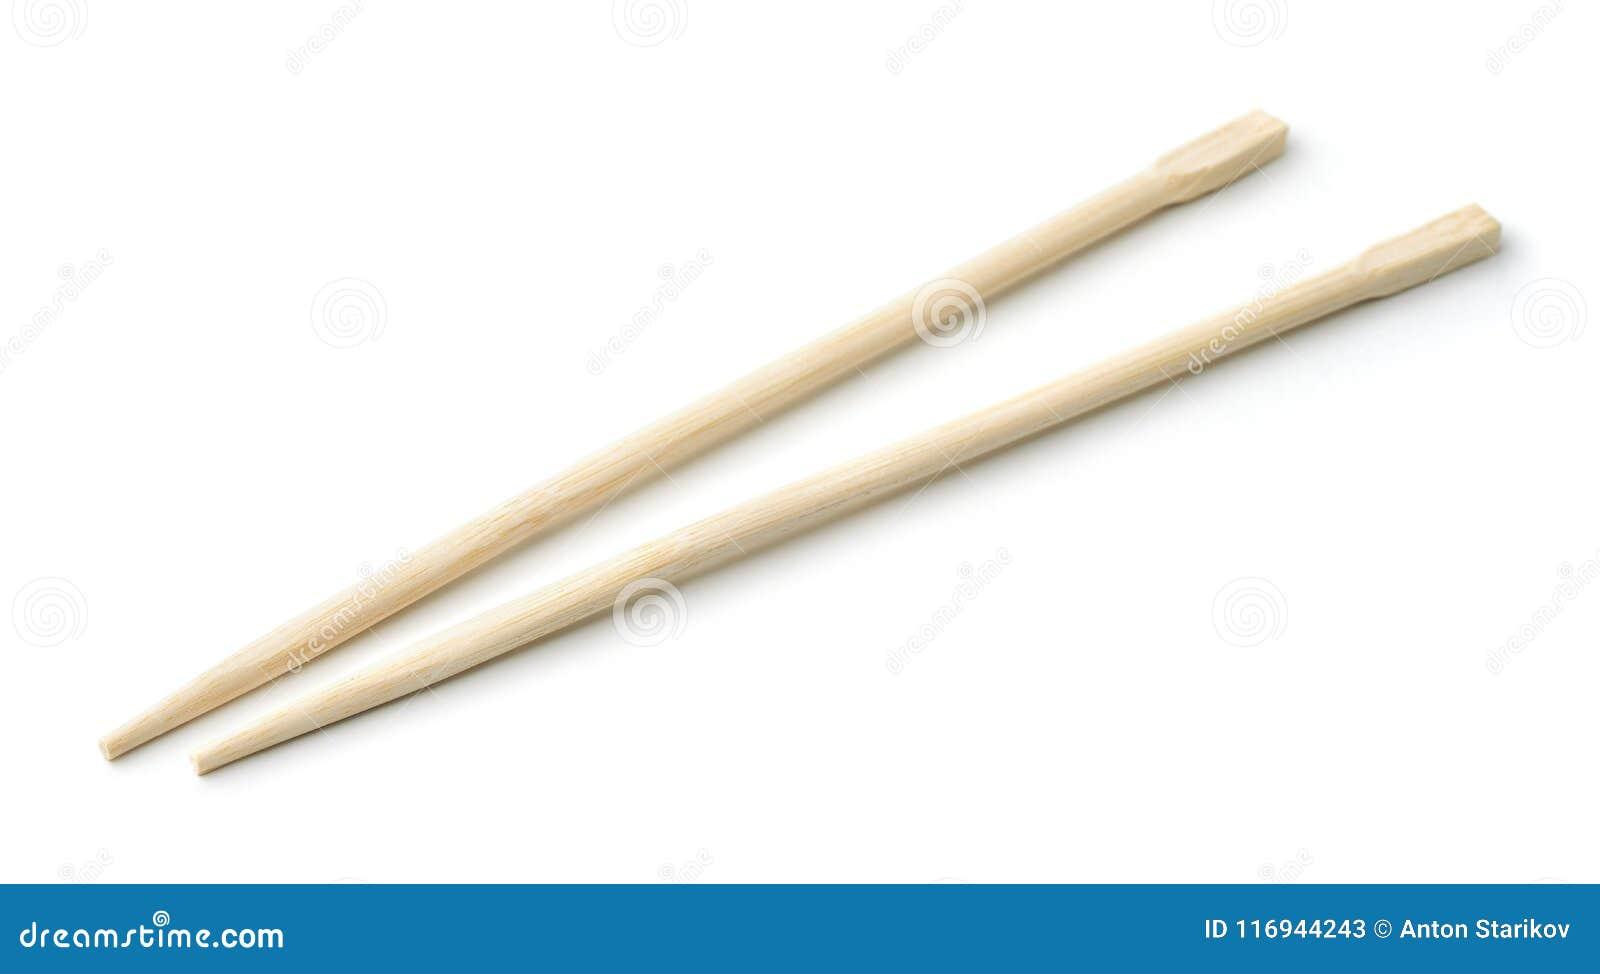 Paar bamboe beschikbare eetstokjes